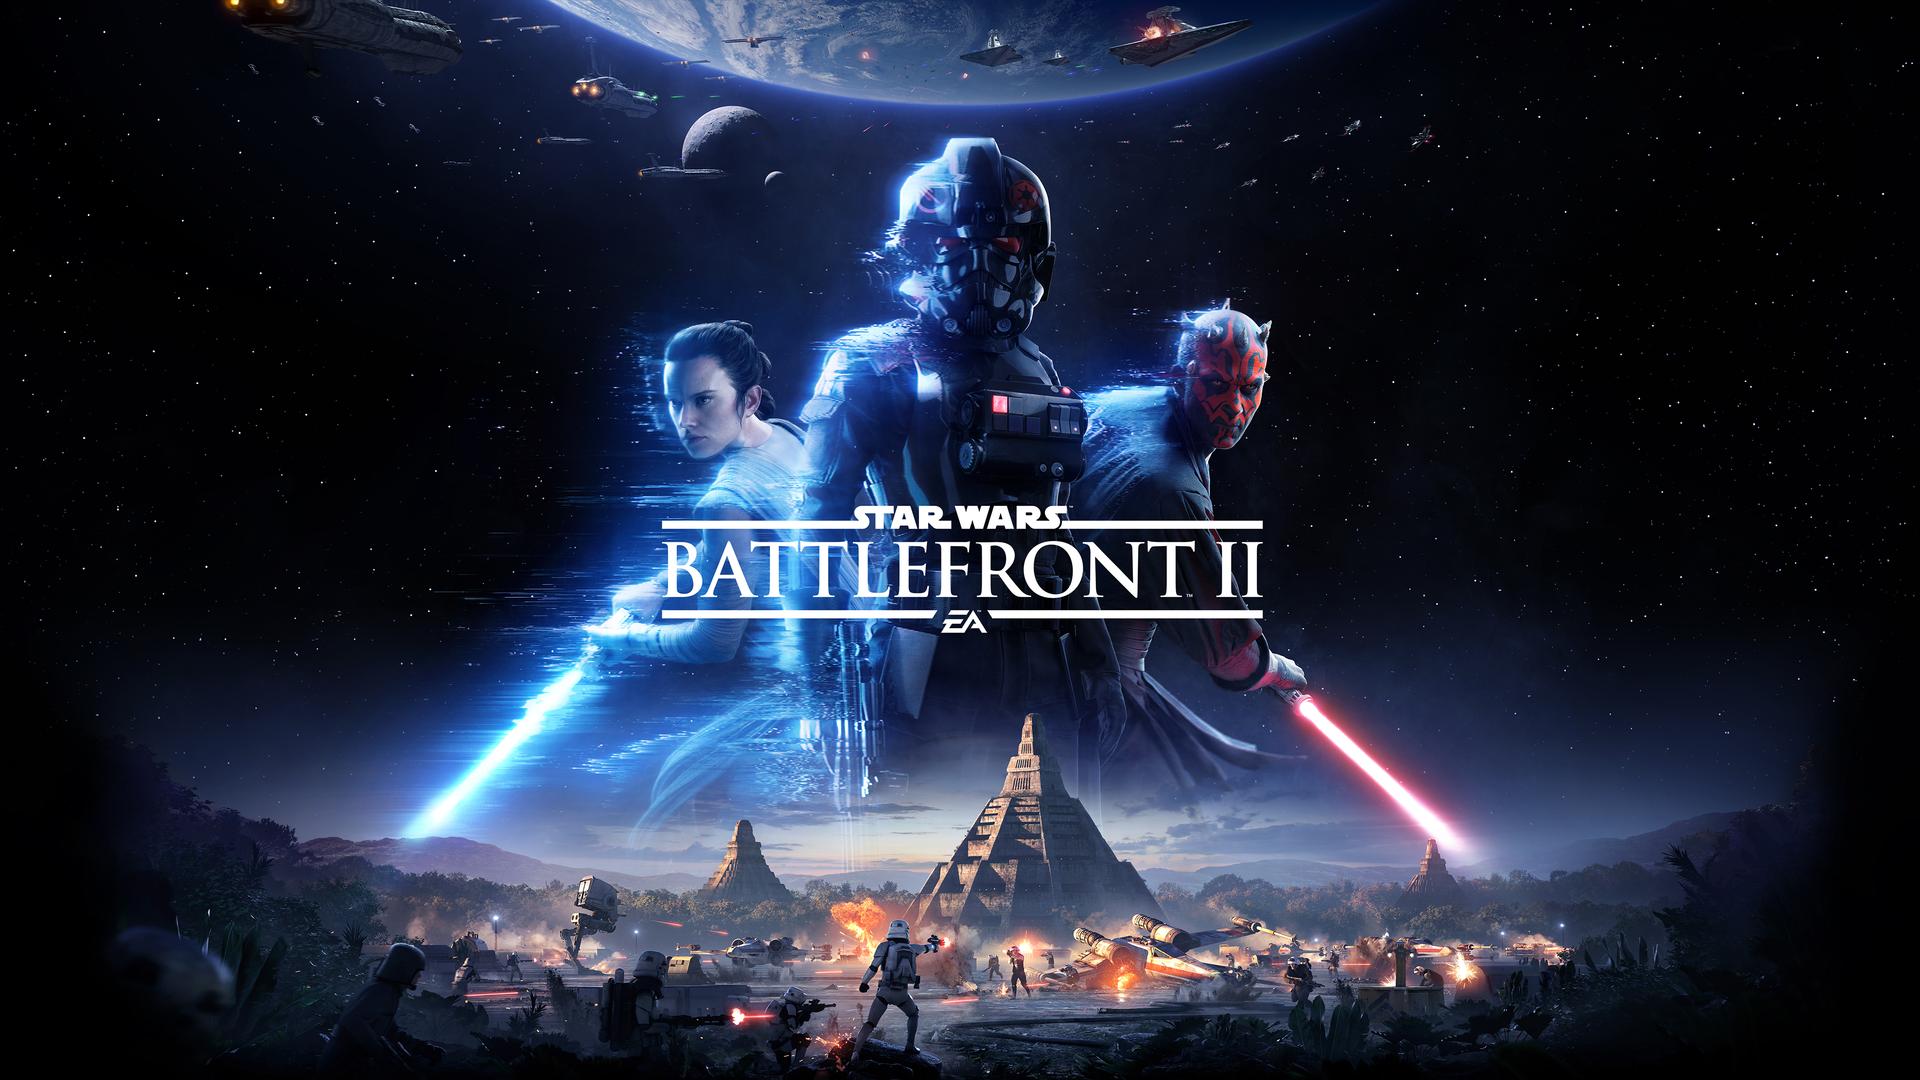 Star Wars Battlefront II: Una buena secuel opacada por la polémica